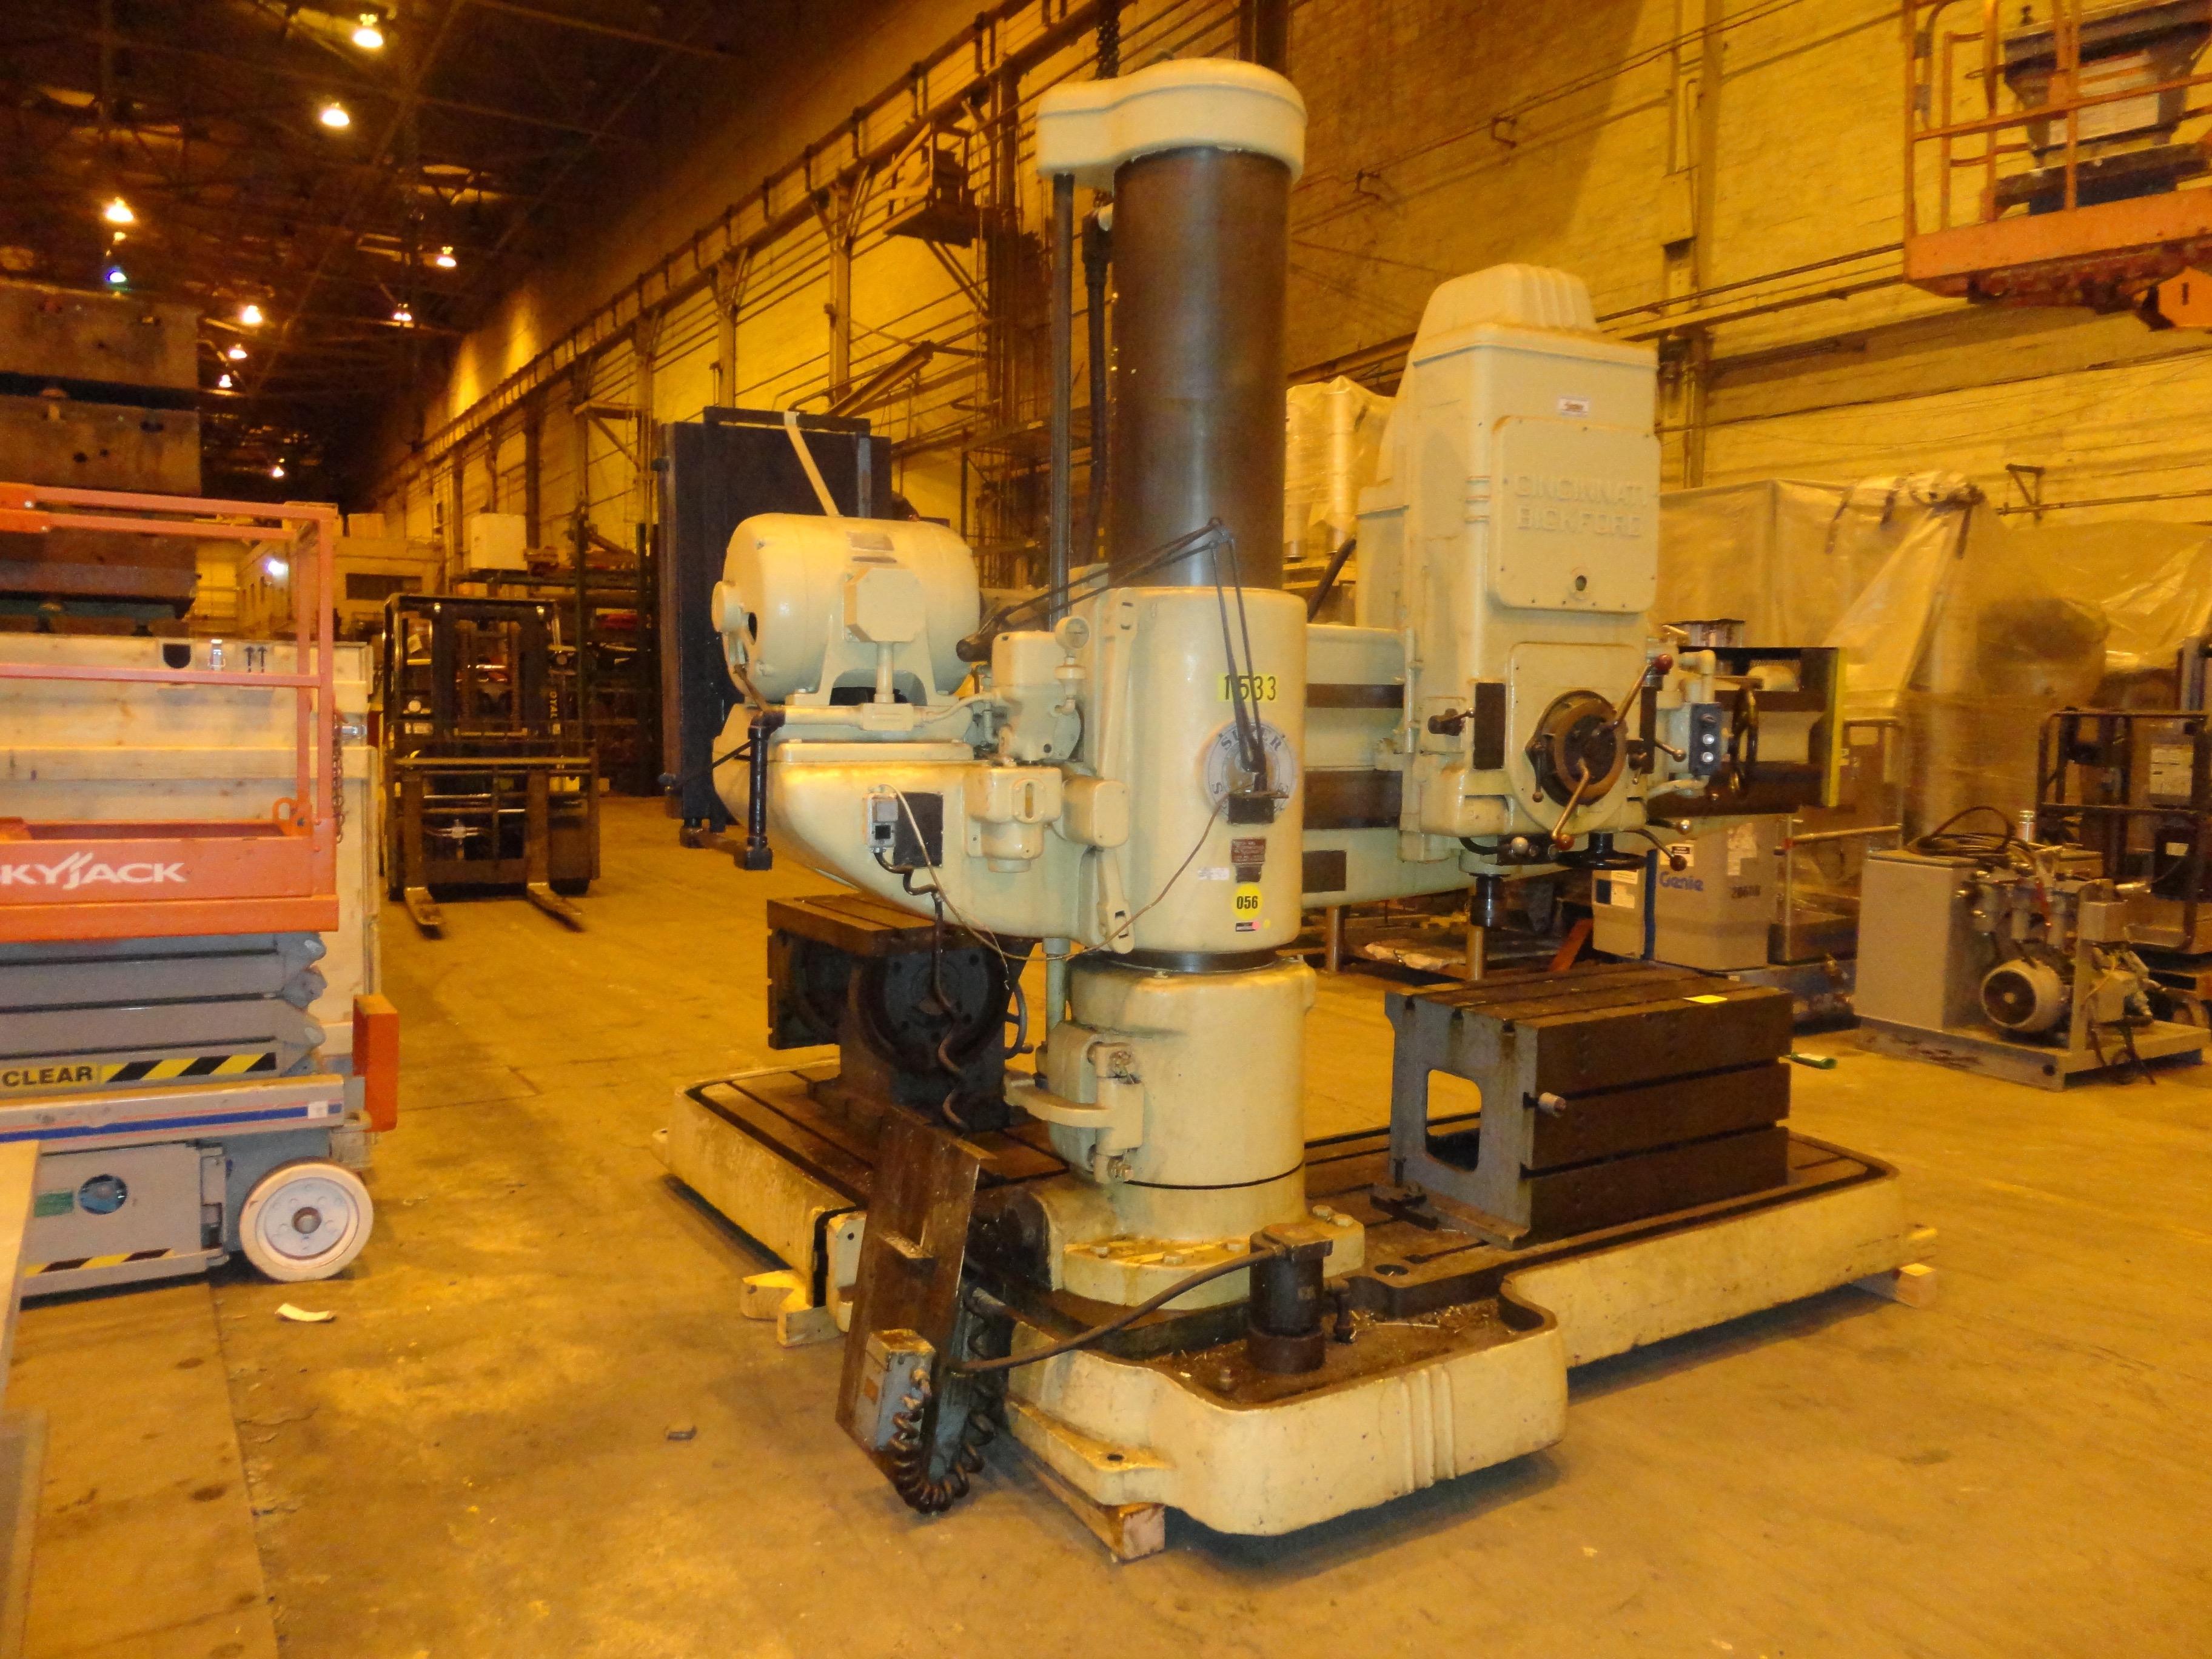 Lot 28 - Cincinnati Brickford Radial Drill